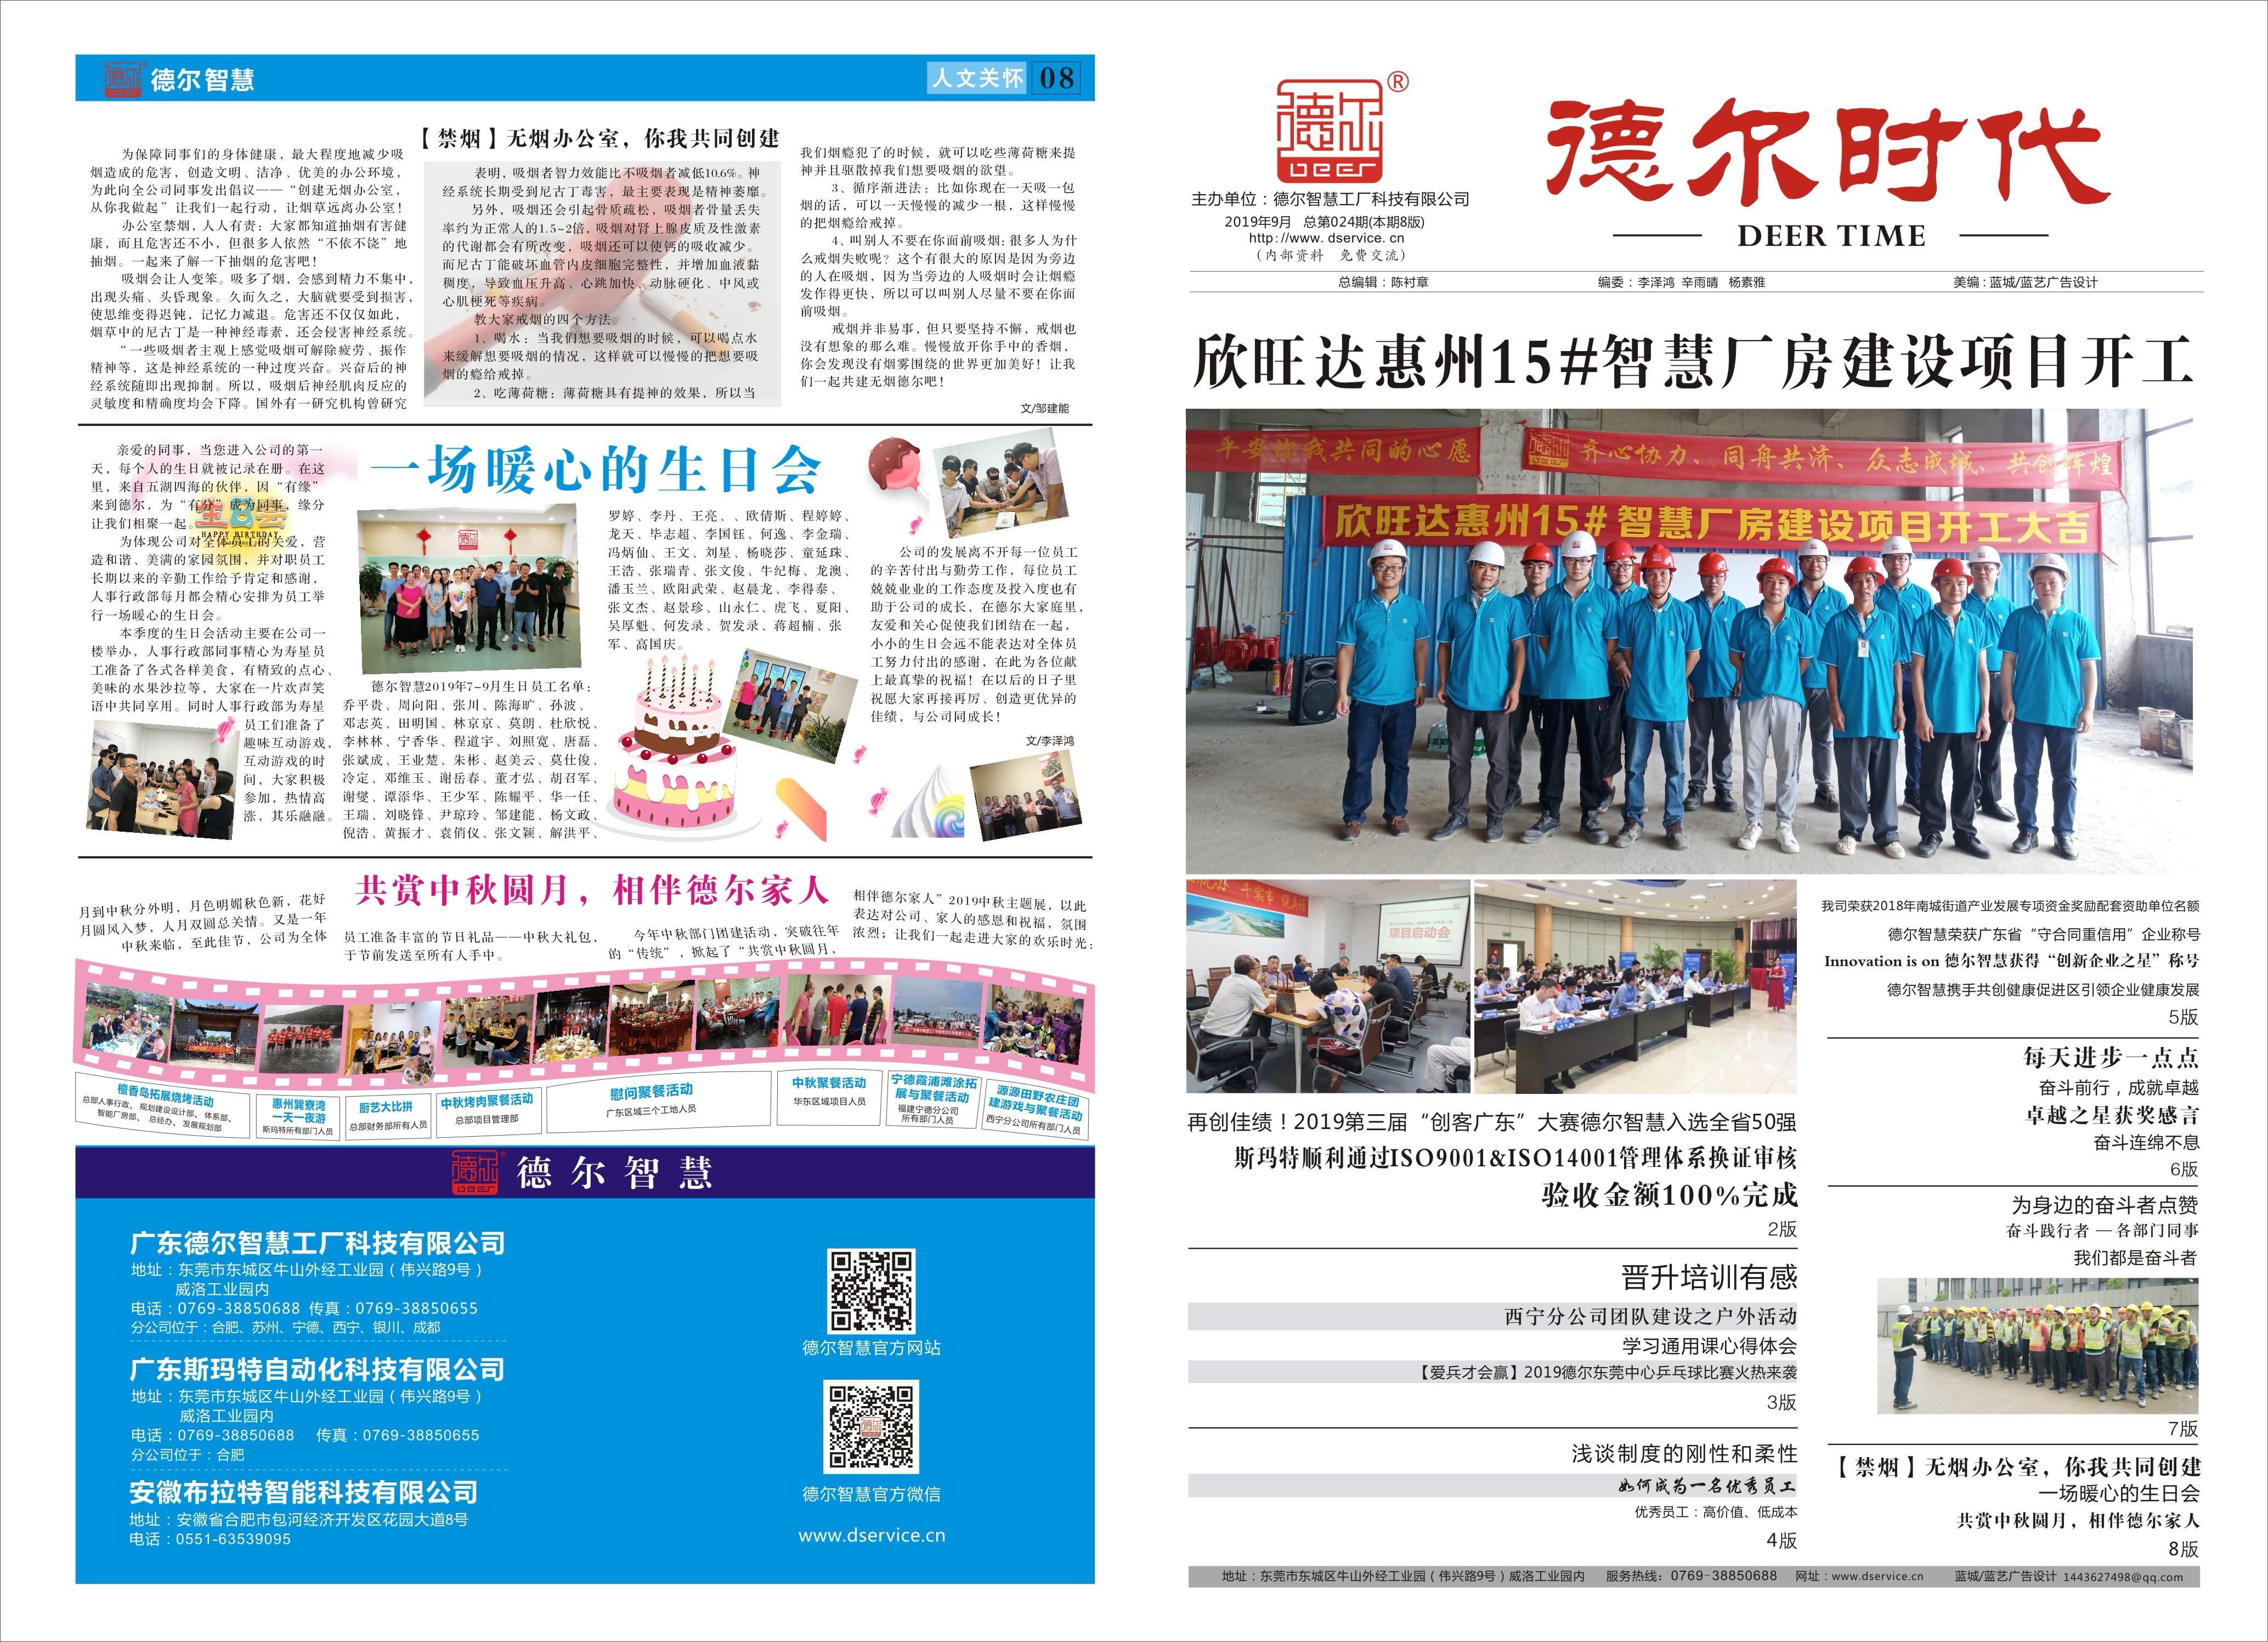 2019-9-27千赢国际网址qy_ag千赢国际平台_ag千赢平台首页报刊1-8.jpg